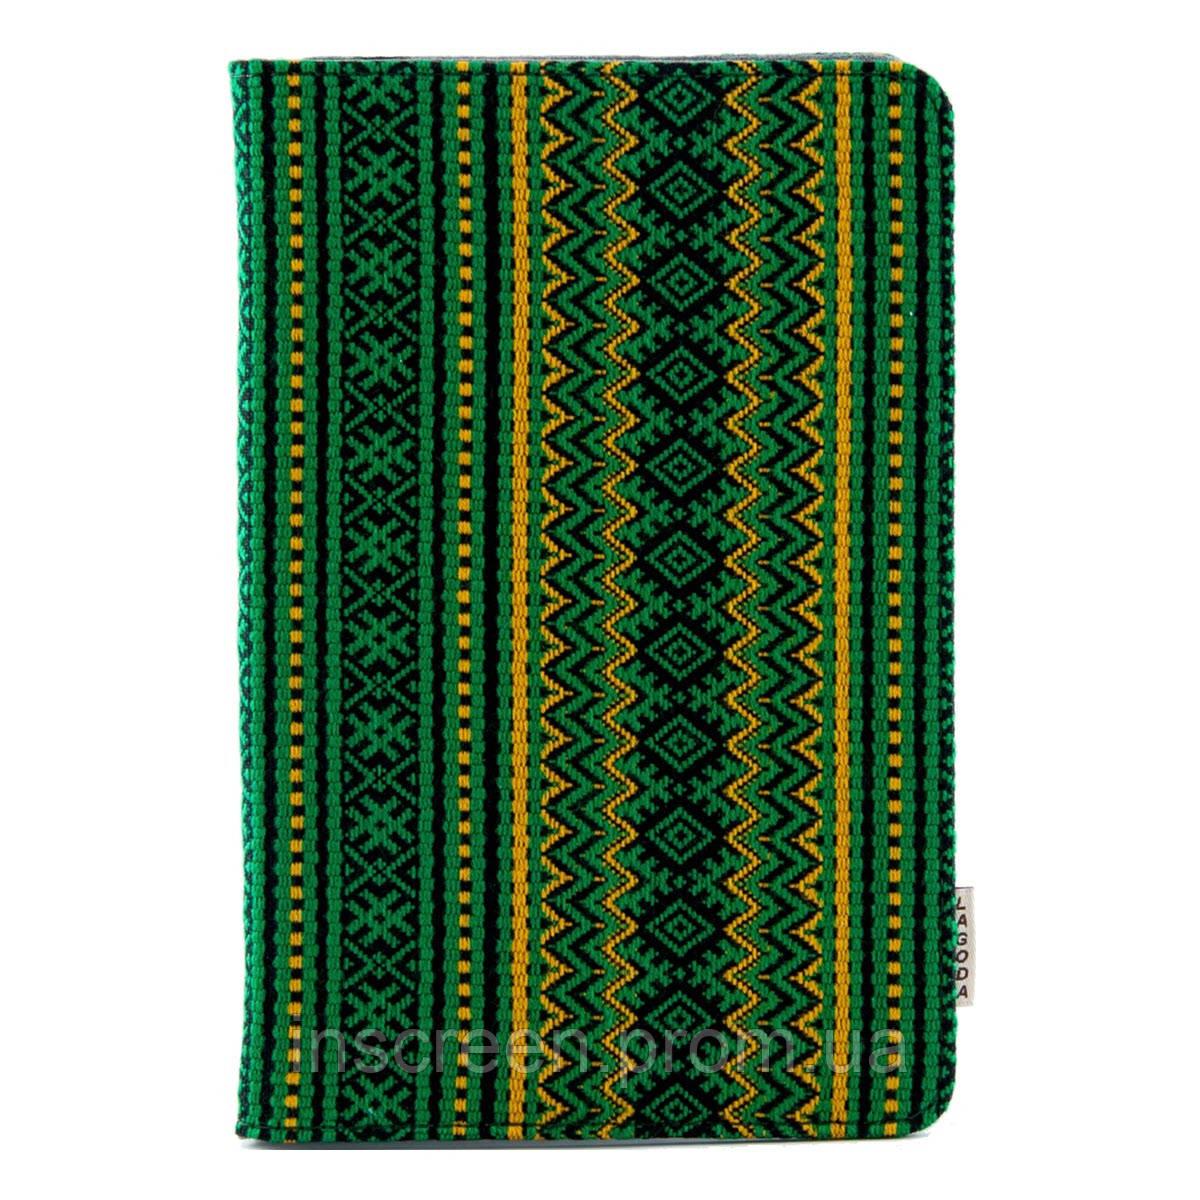 Чехол-книжка Lagoda Clip stand 6-8 зеленый, вышиванка